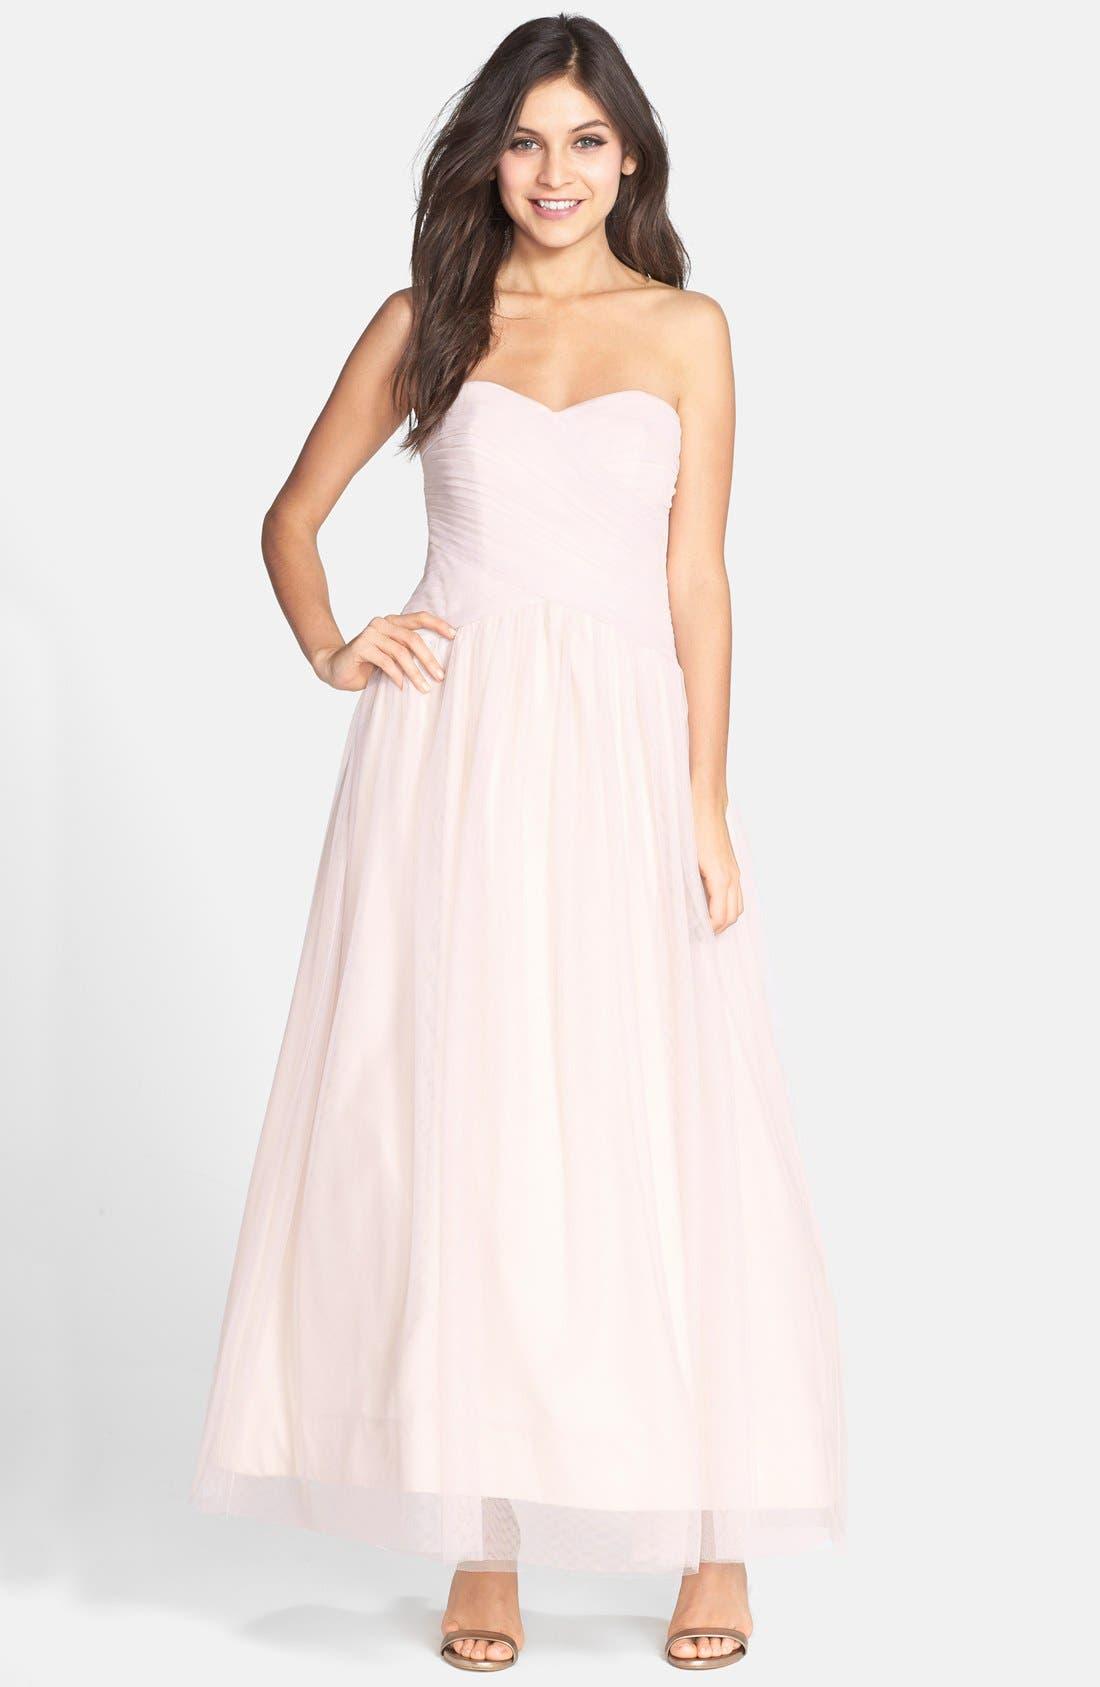 Alternate Image 1 Selected - Monique Lhuillier Bridesmaids Tulle Tea Length Dress